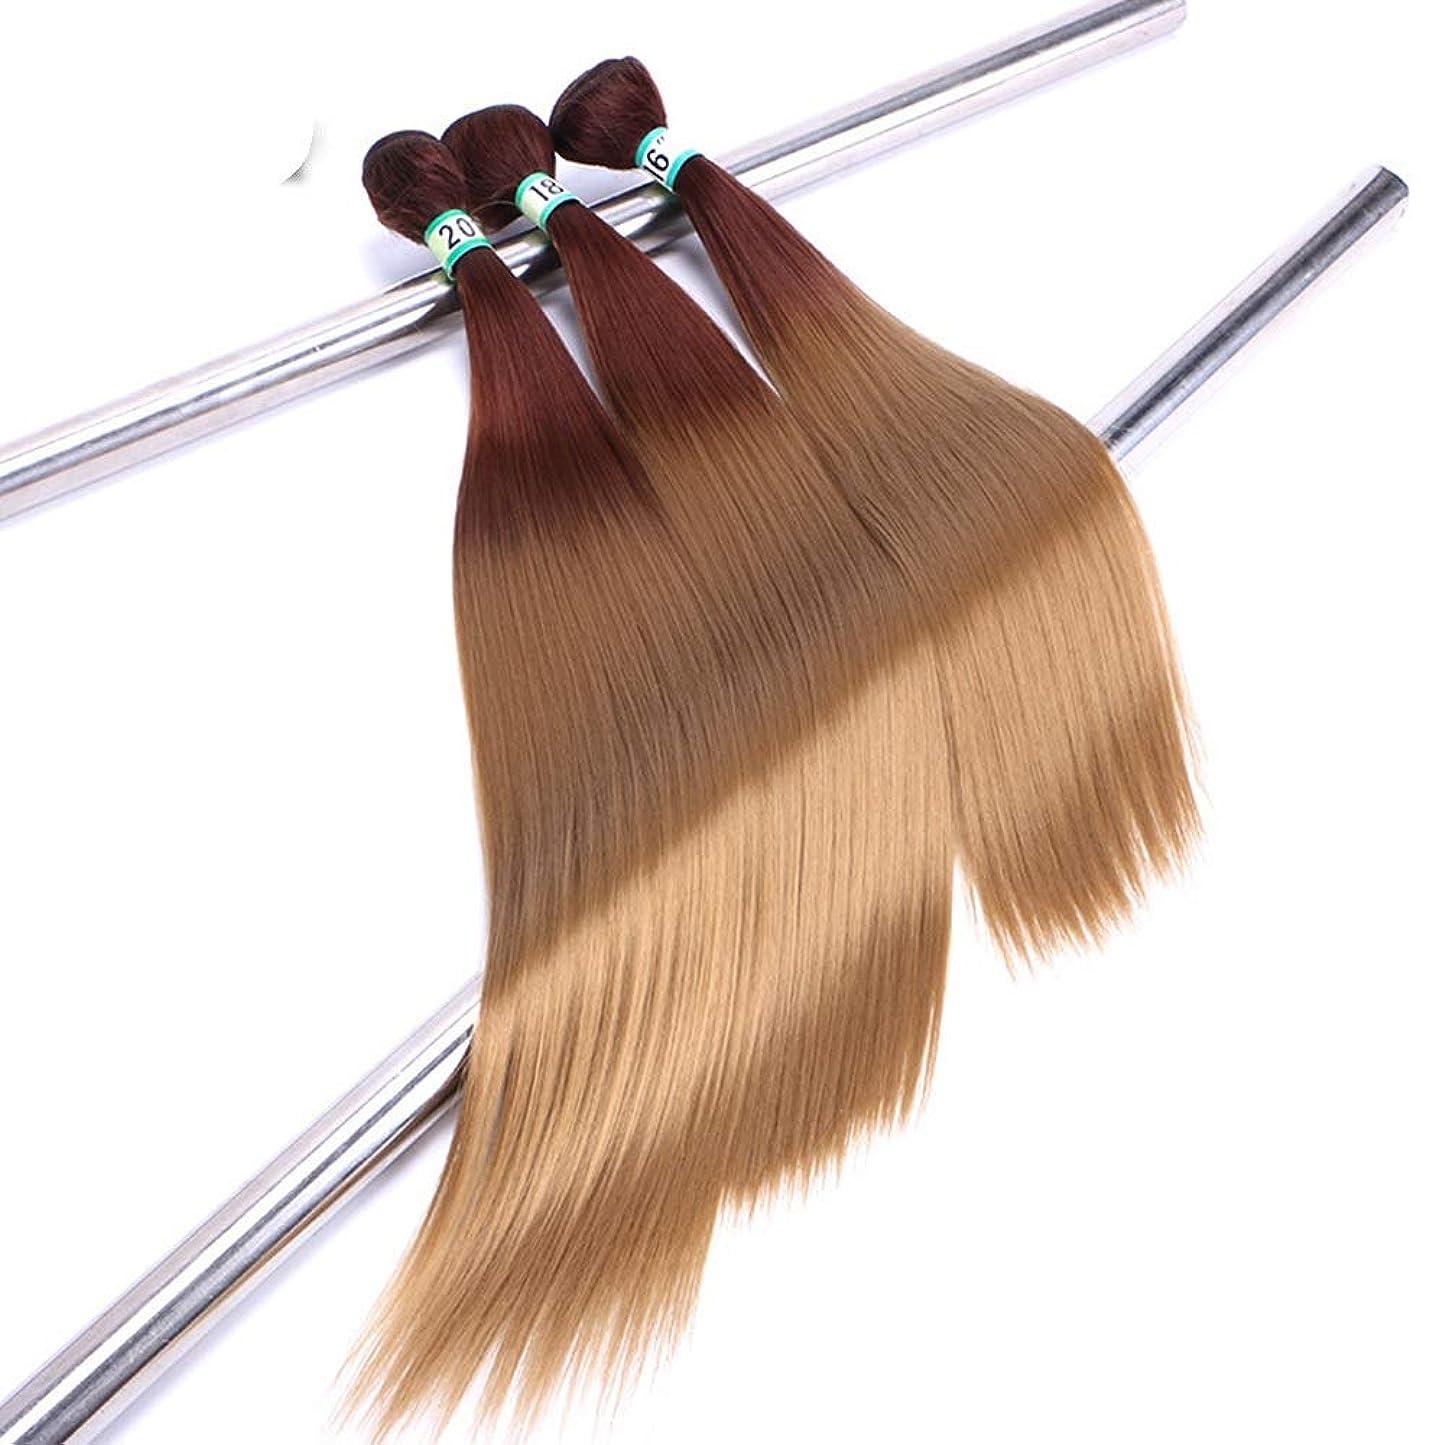 お母さん検出器三HOHYLLYA 黒のグラデーション茶色の髪織りバンドルヘアエクステンション横糸 - ストレートヘア(3バンドル、70g /バンドル)合成髪レースかつらロールプレイングウィッグロング&ショート女性自然 (色 : ブラウン, サイズ : 18